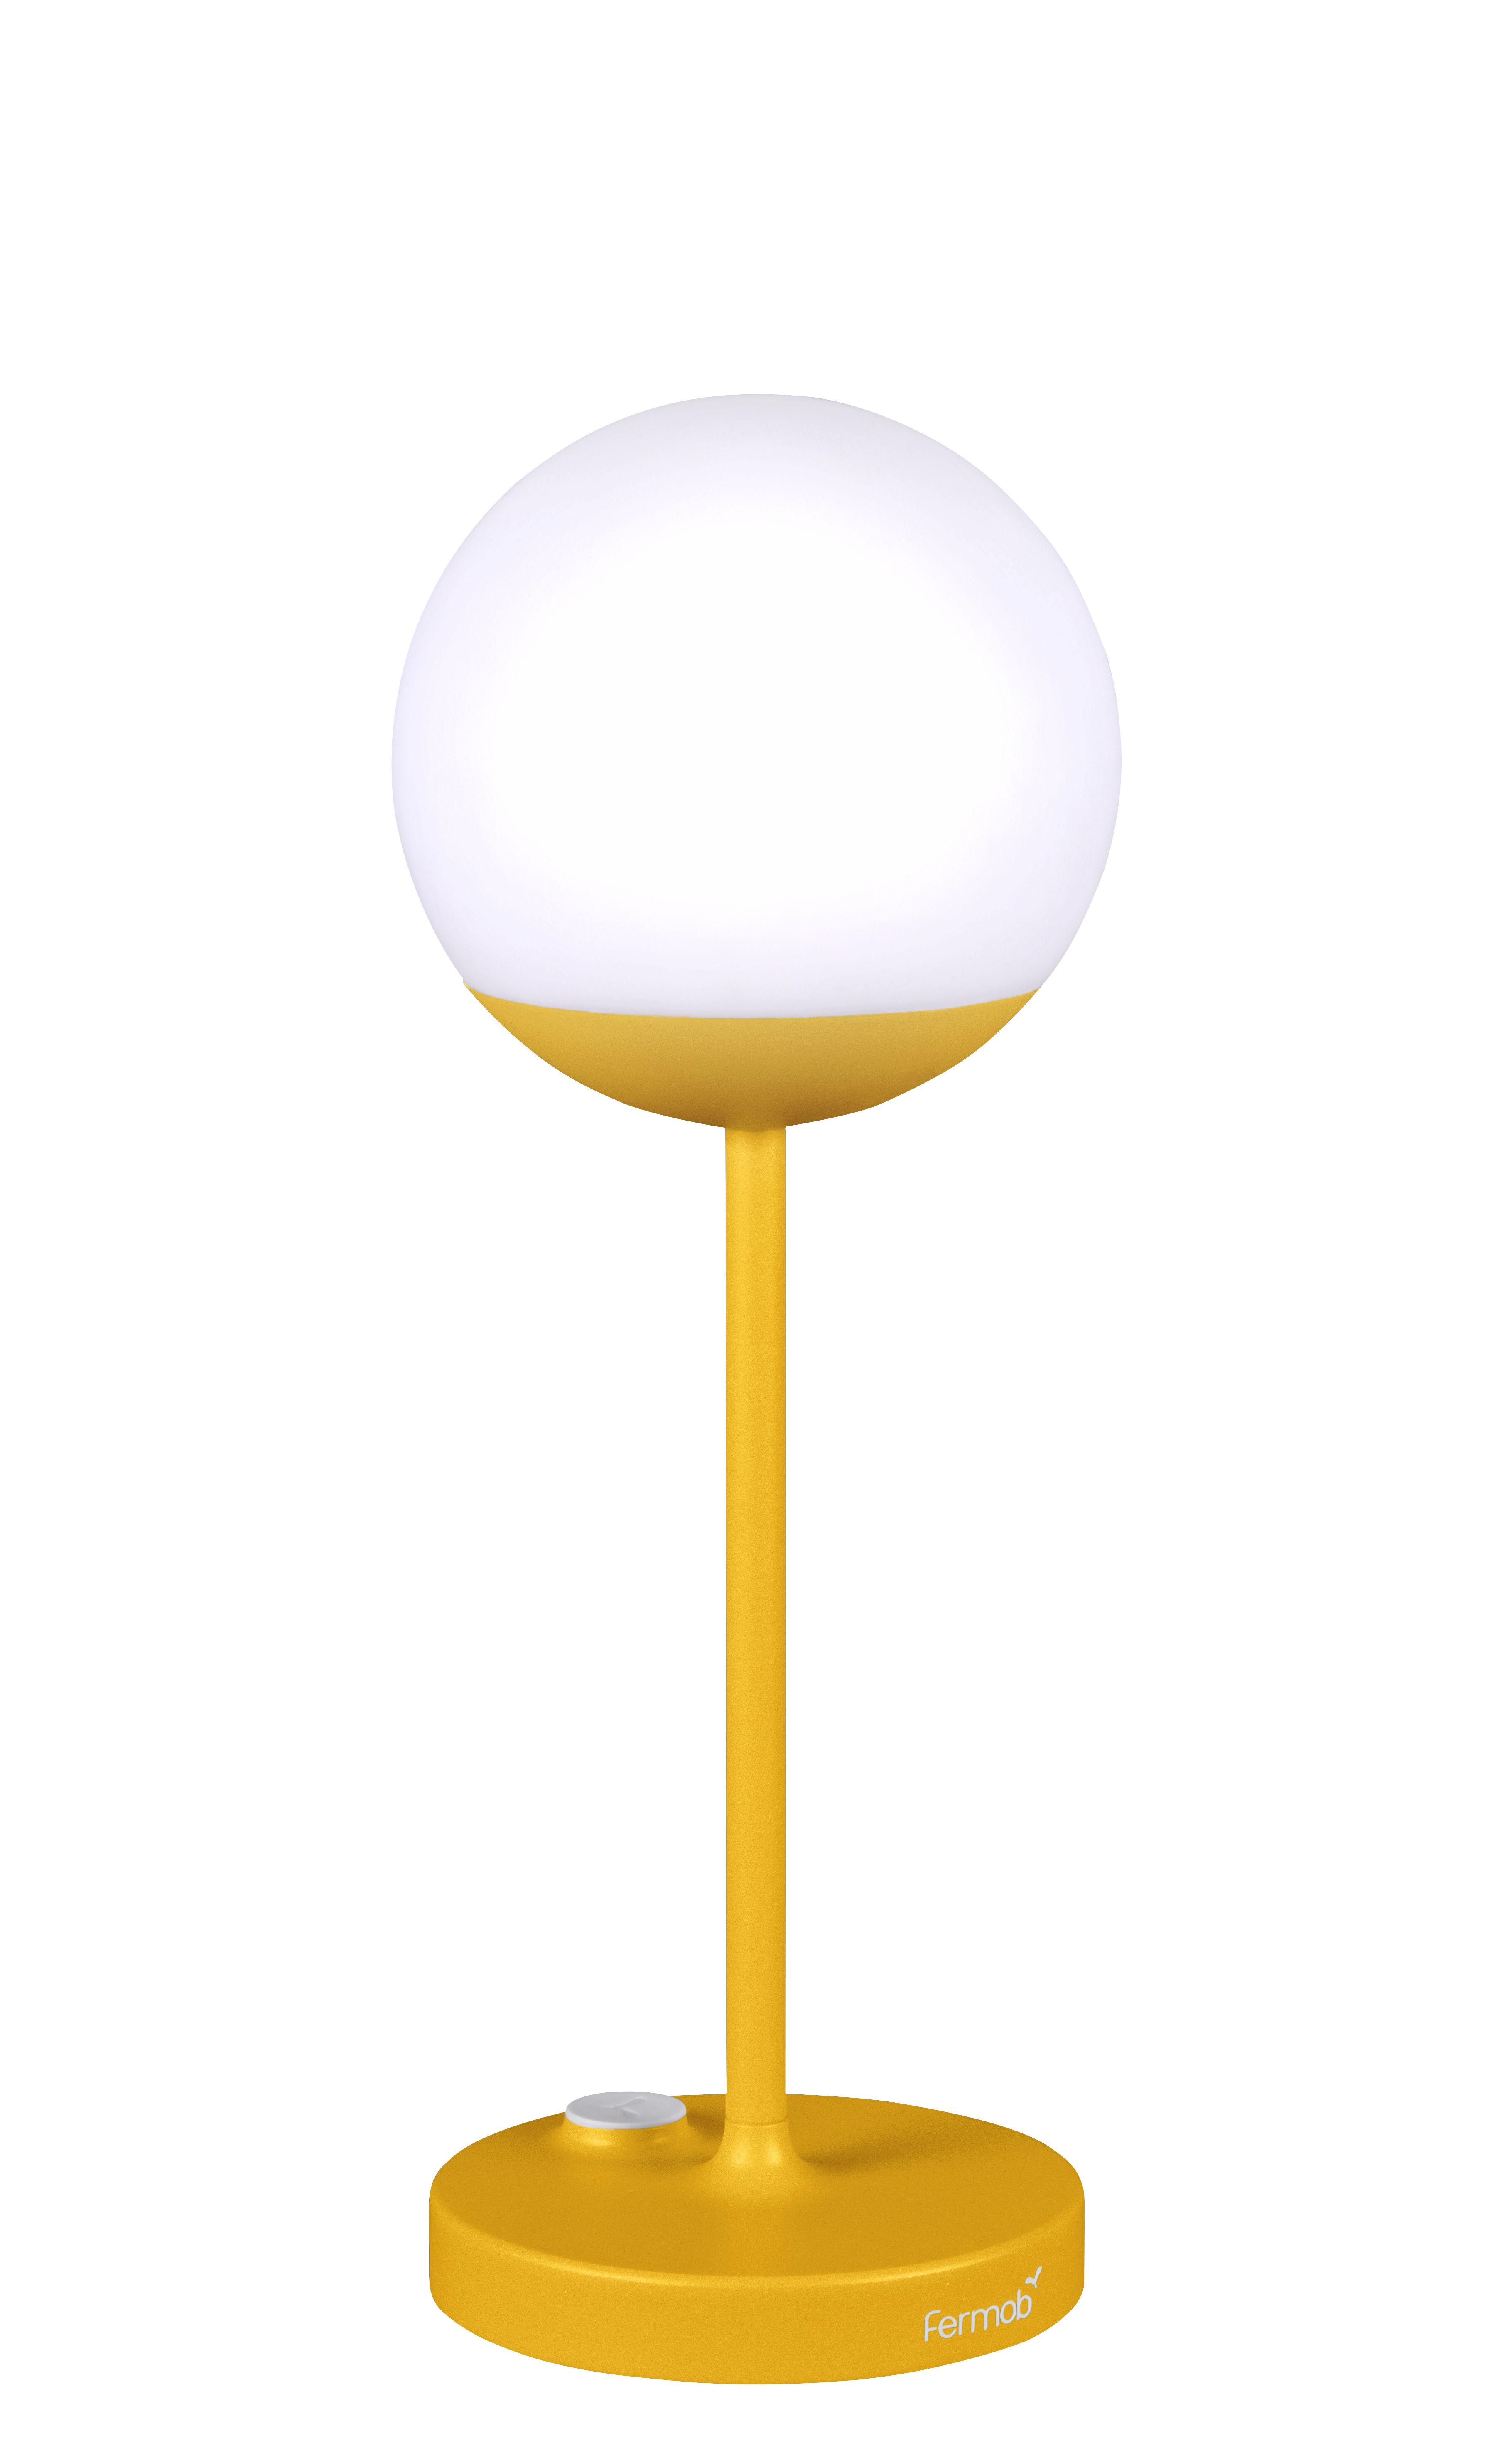 Leuchten - Tischleuchten - Mooon! LED Lampe ohne Kabel / H 41 cm - mit USB-Ladekabel - Fermob - Honig - Aluminium, Polyäthylen